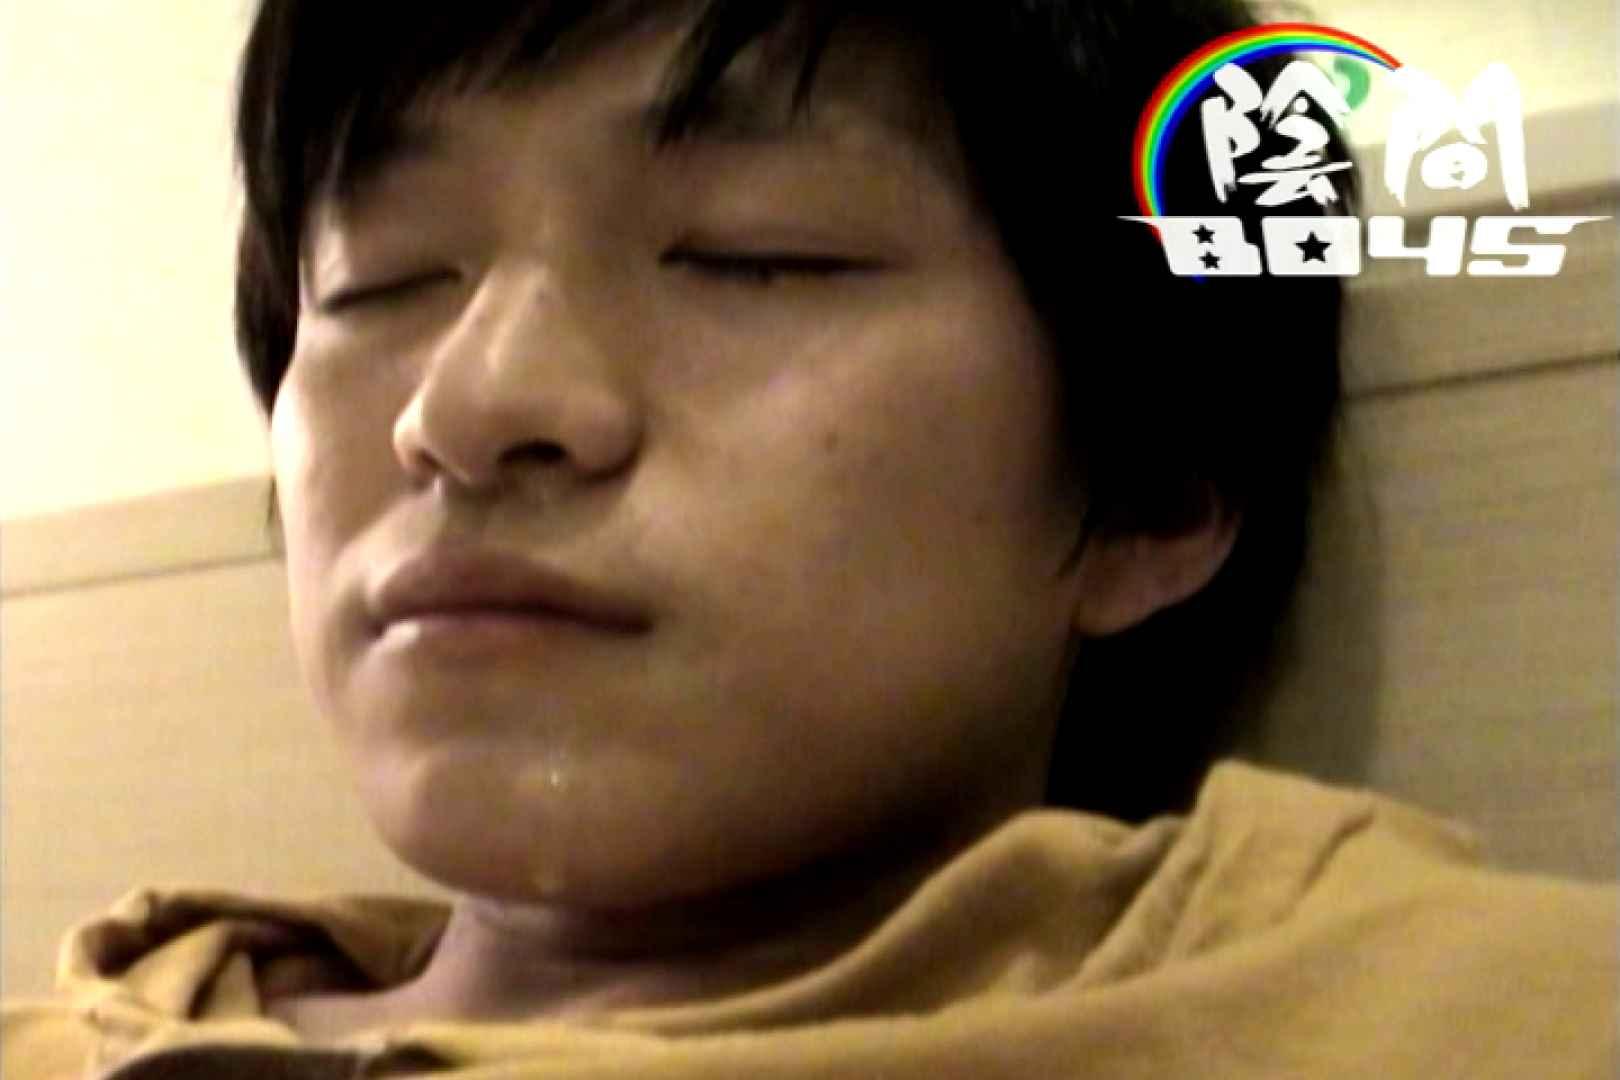 陰間BOYS~My holiday~02 ゲイのオナニー映像   シコシコ  85枚 70